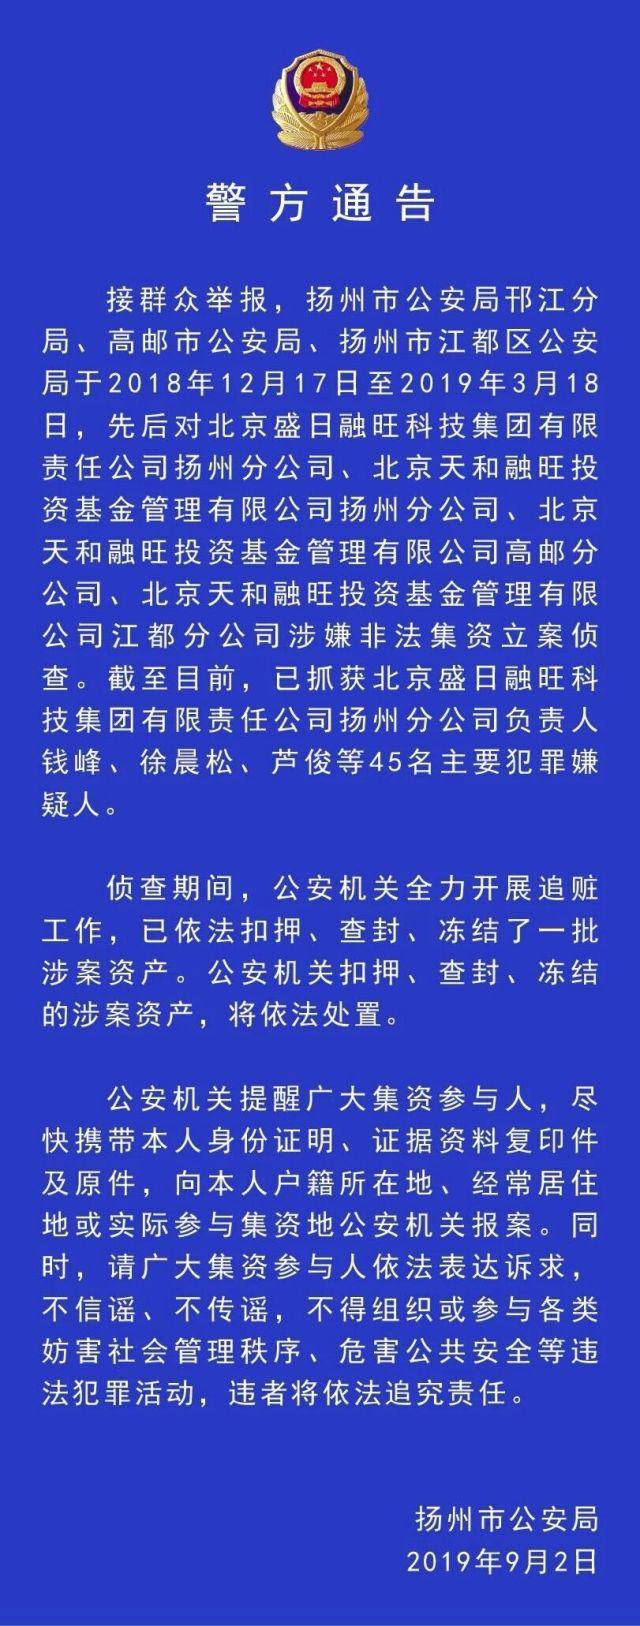 盛日融旺扬州分公司涉嫌非法集资45人被抓